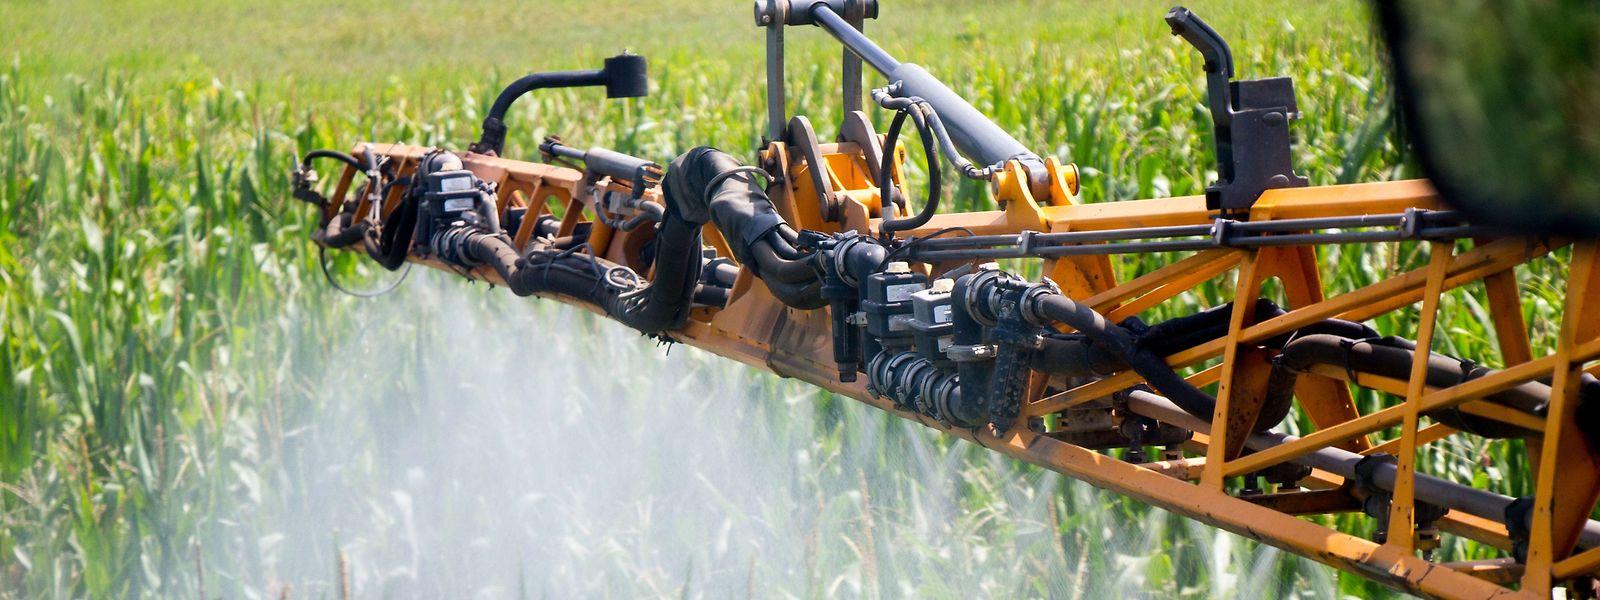 Plus de la moitié des exploitations agricoles luxembourgeoises ont abandonné l'utilisation du glyphosate.